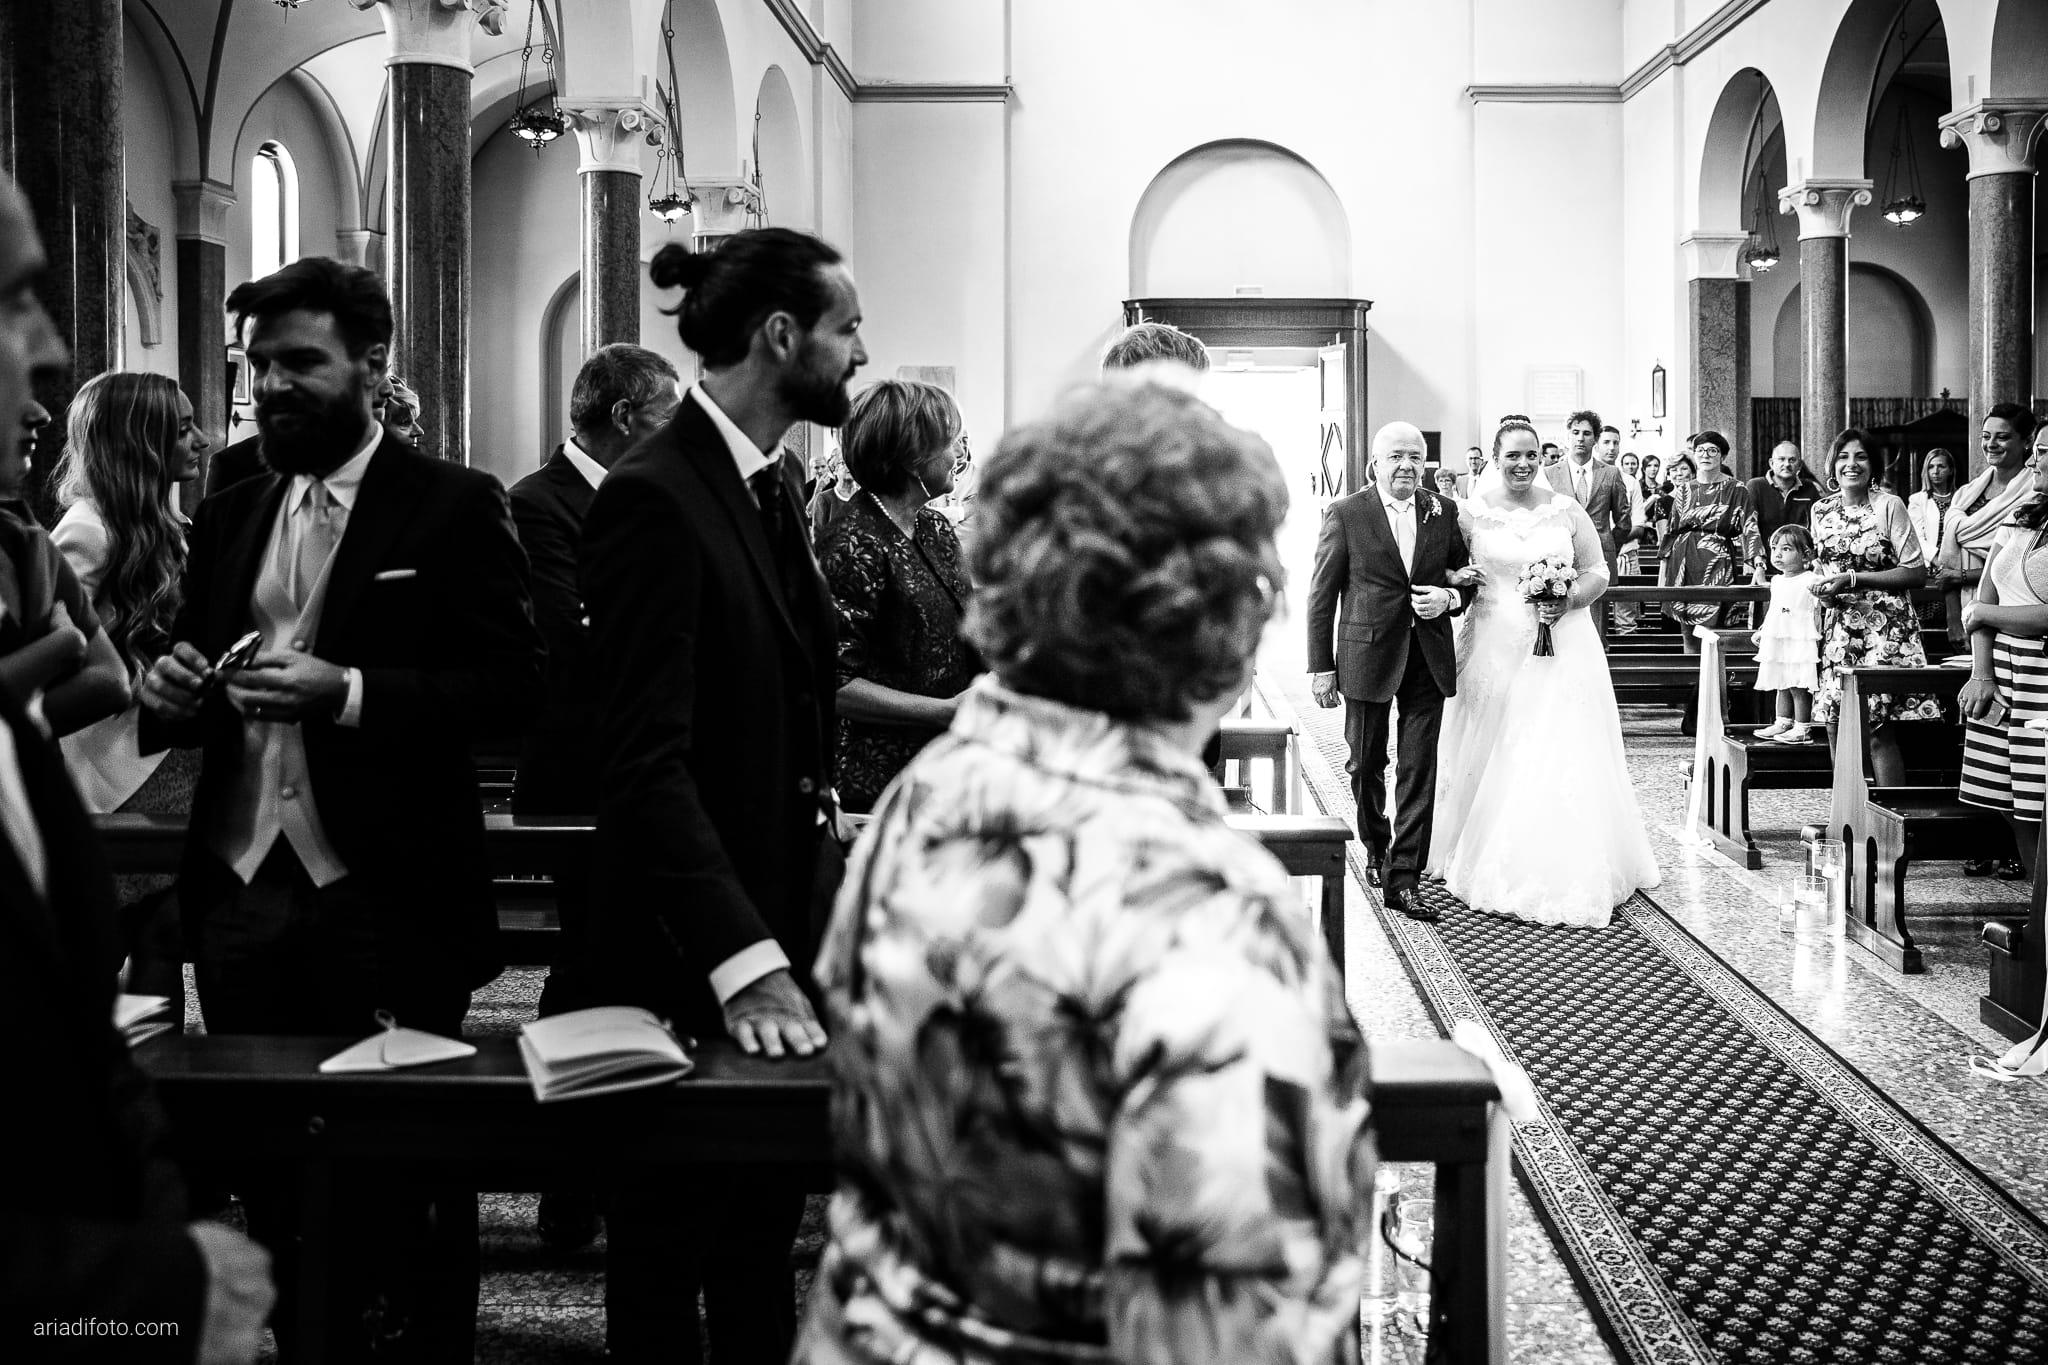 Eleonora Andrea Matrimonio Chiesa San Tiziano Vescovo Francenigo di Gaiarine Castello Papadopoli Giol San Polo Piave Treviso cerimonia ingresso sposa